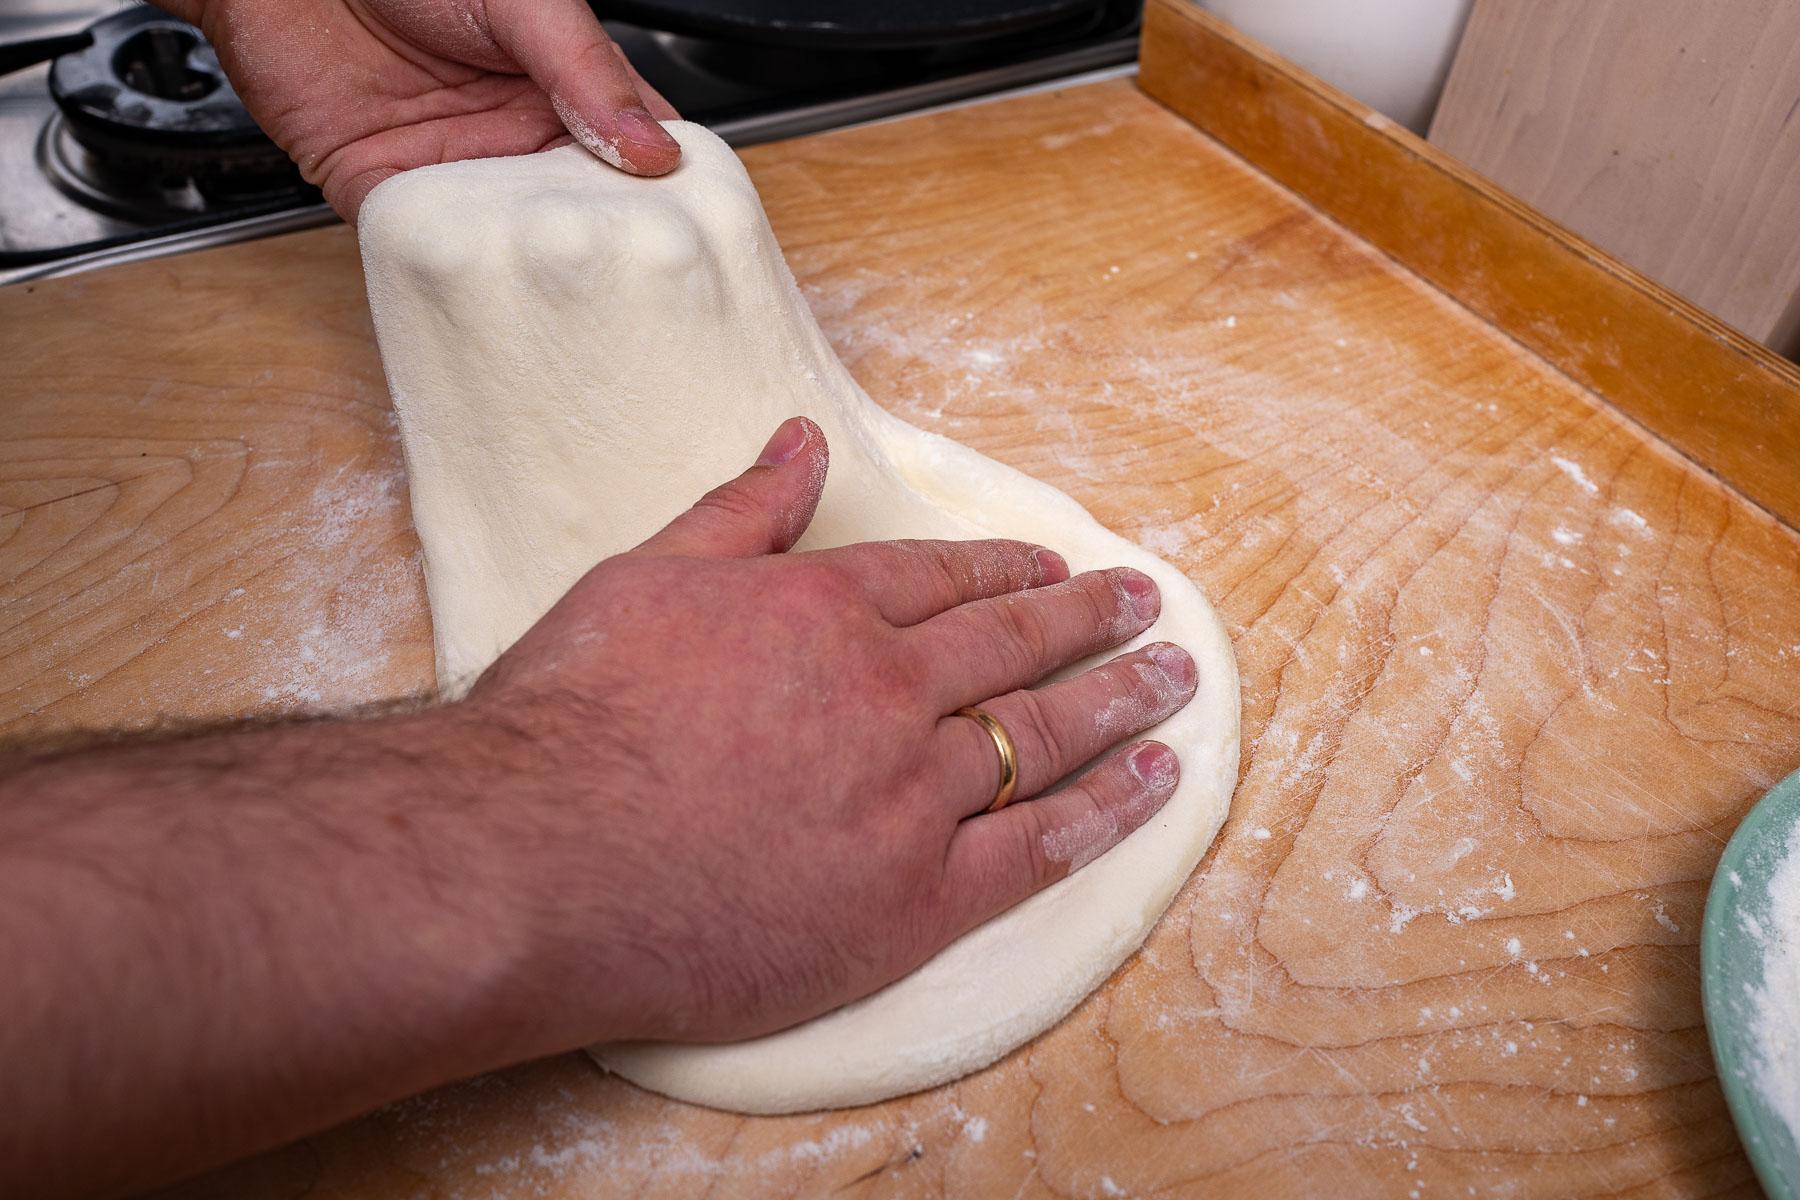 rozciągamy ciasto obracając o 45 stopni za każdym kolejnym rozciągnięciem